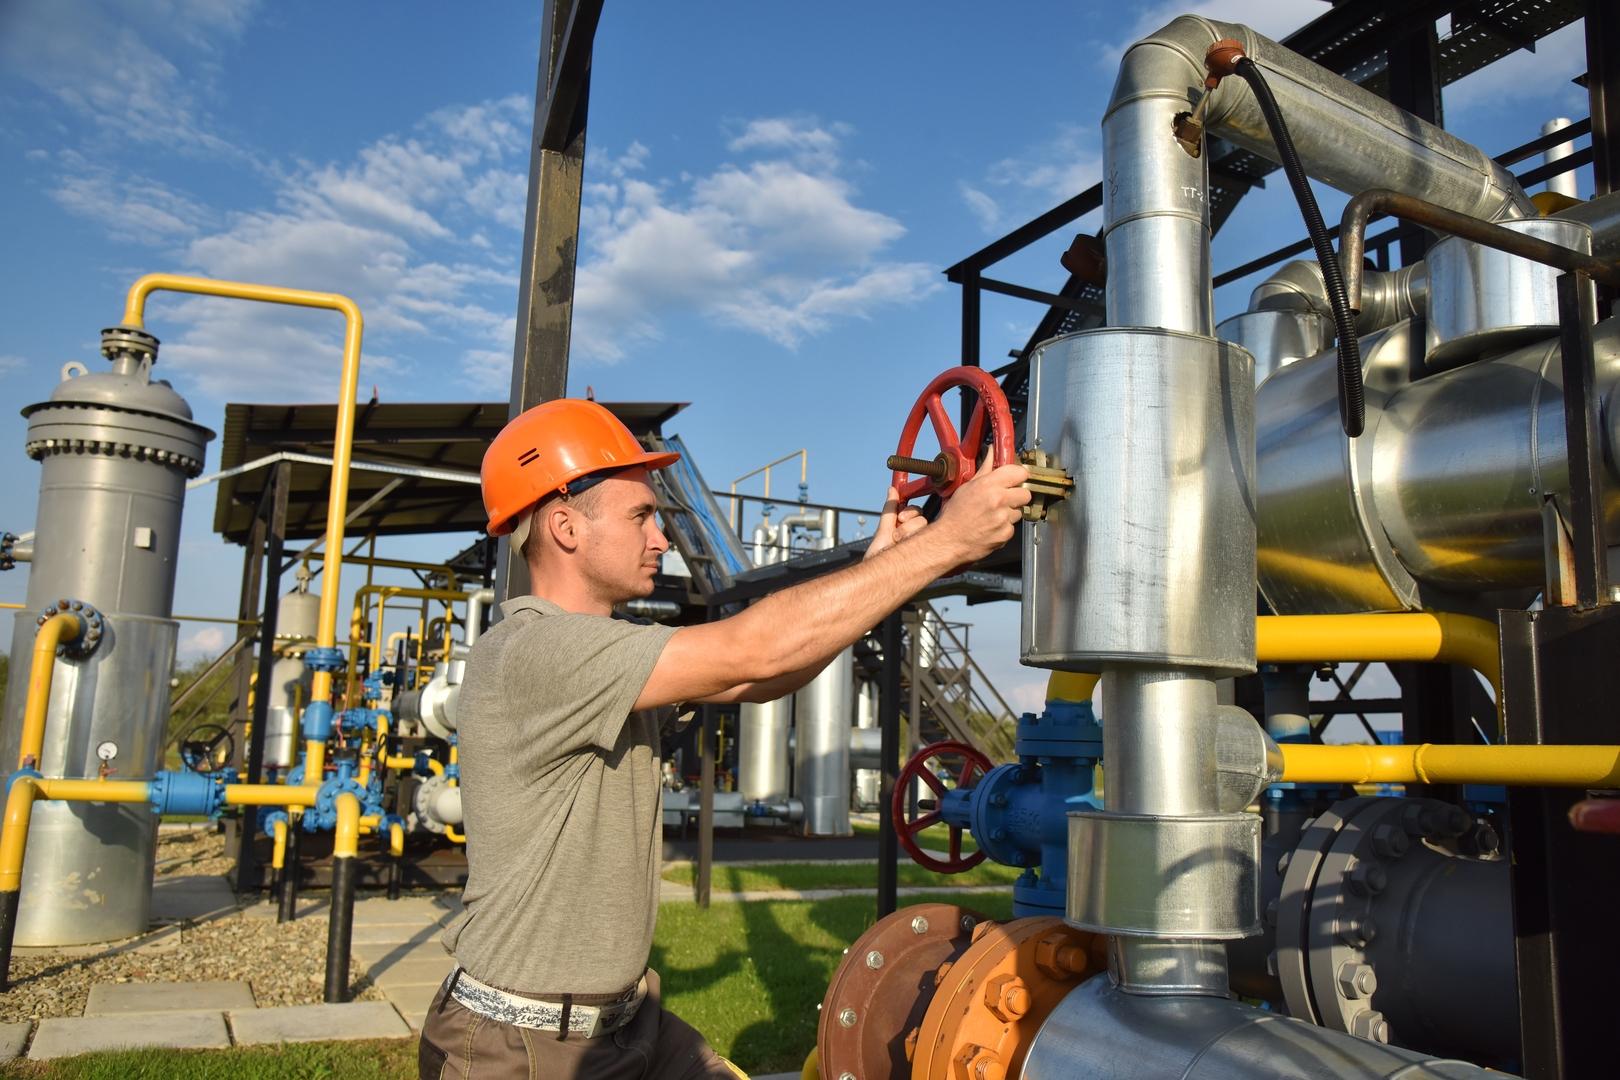 الكرملين يحدد شروط زيادة ترانزيت الغاز الروسي عبر أوكرانيا